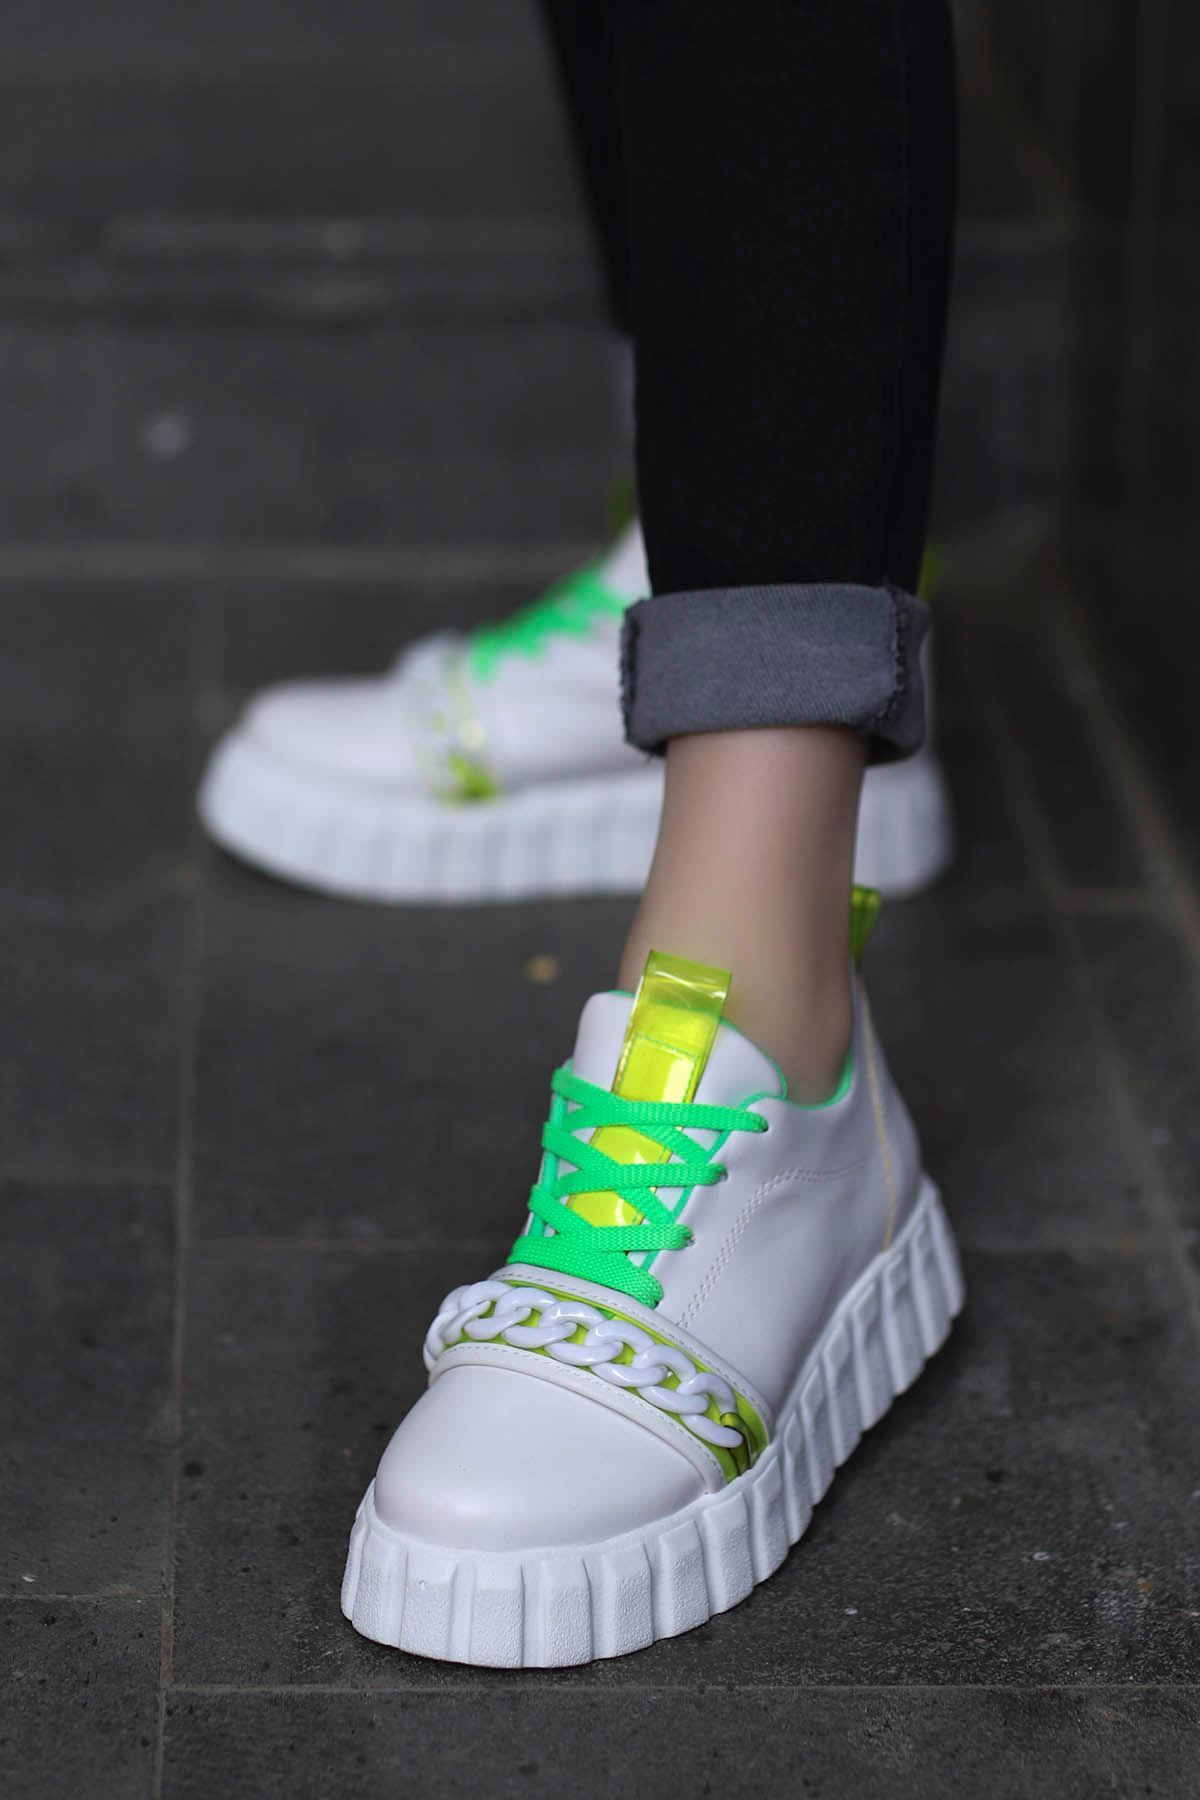 Paris Tabanlı Spor Ayakkabı Beyaz Yeşil Detay